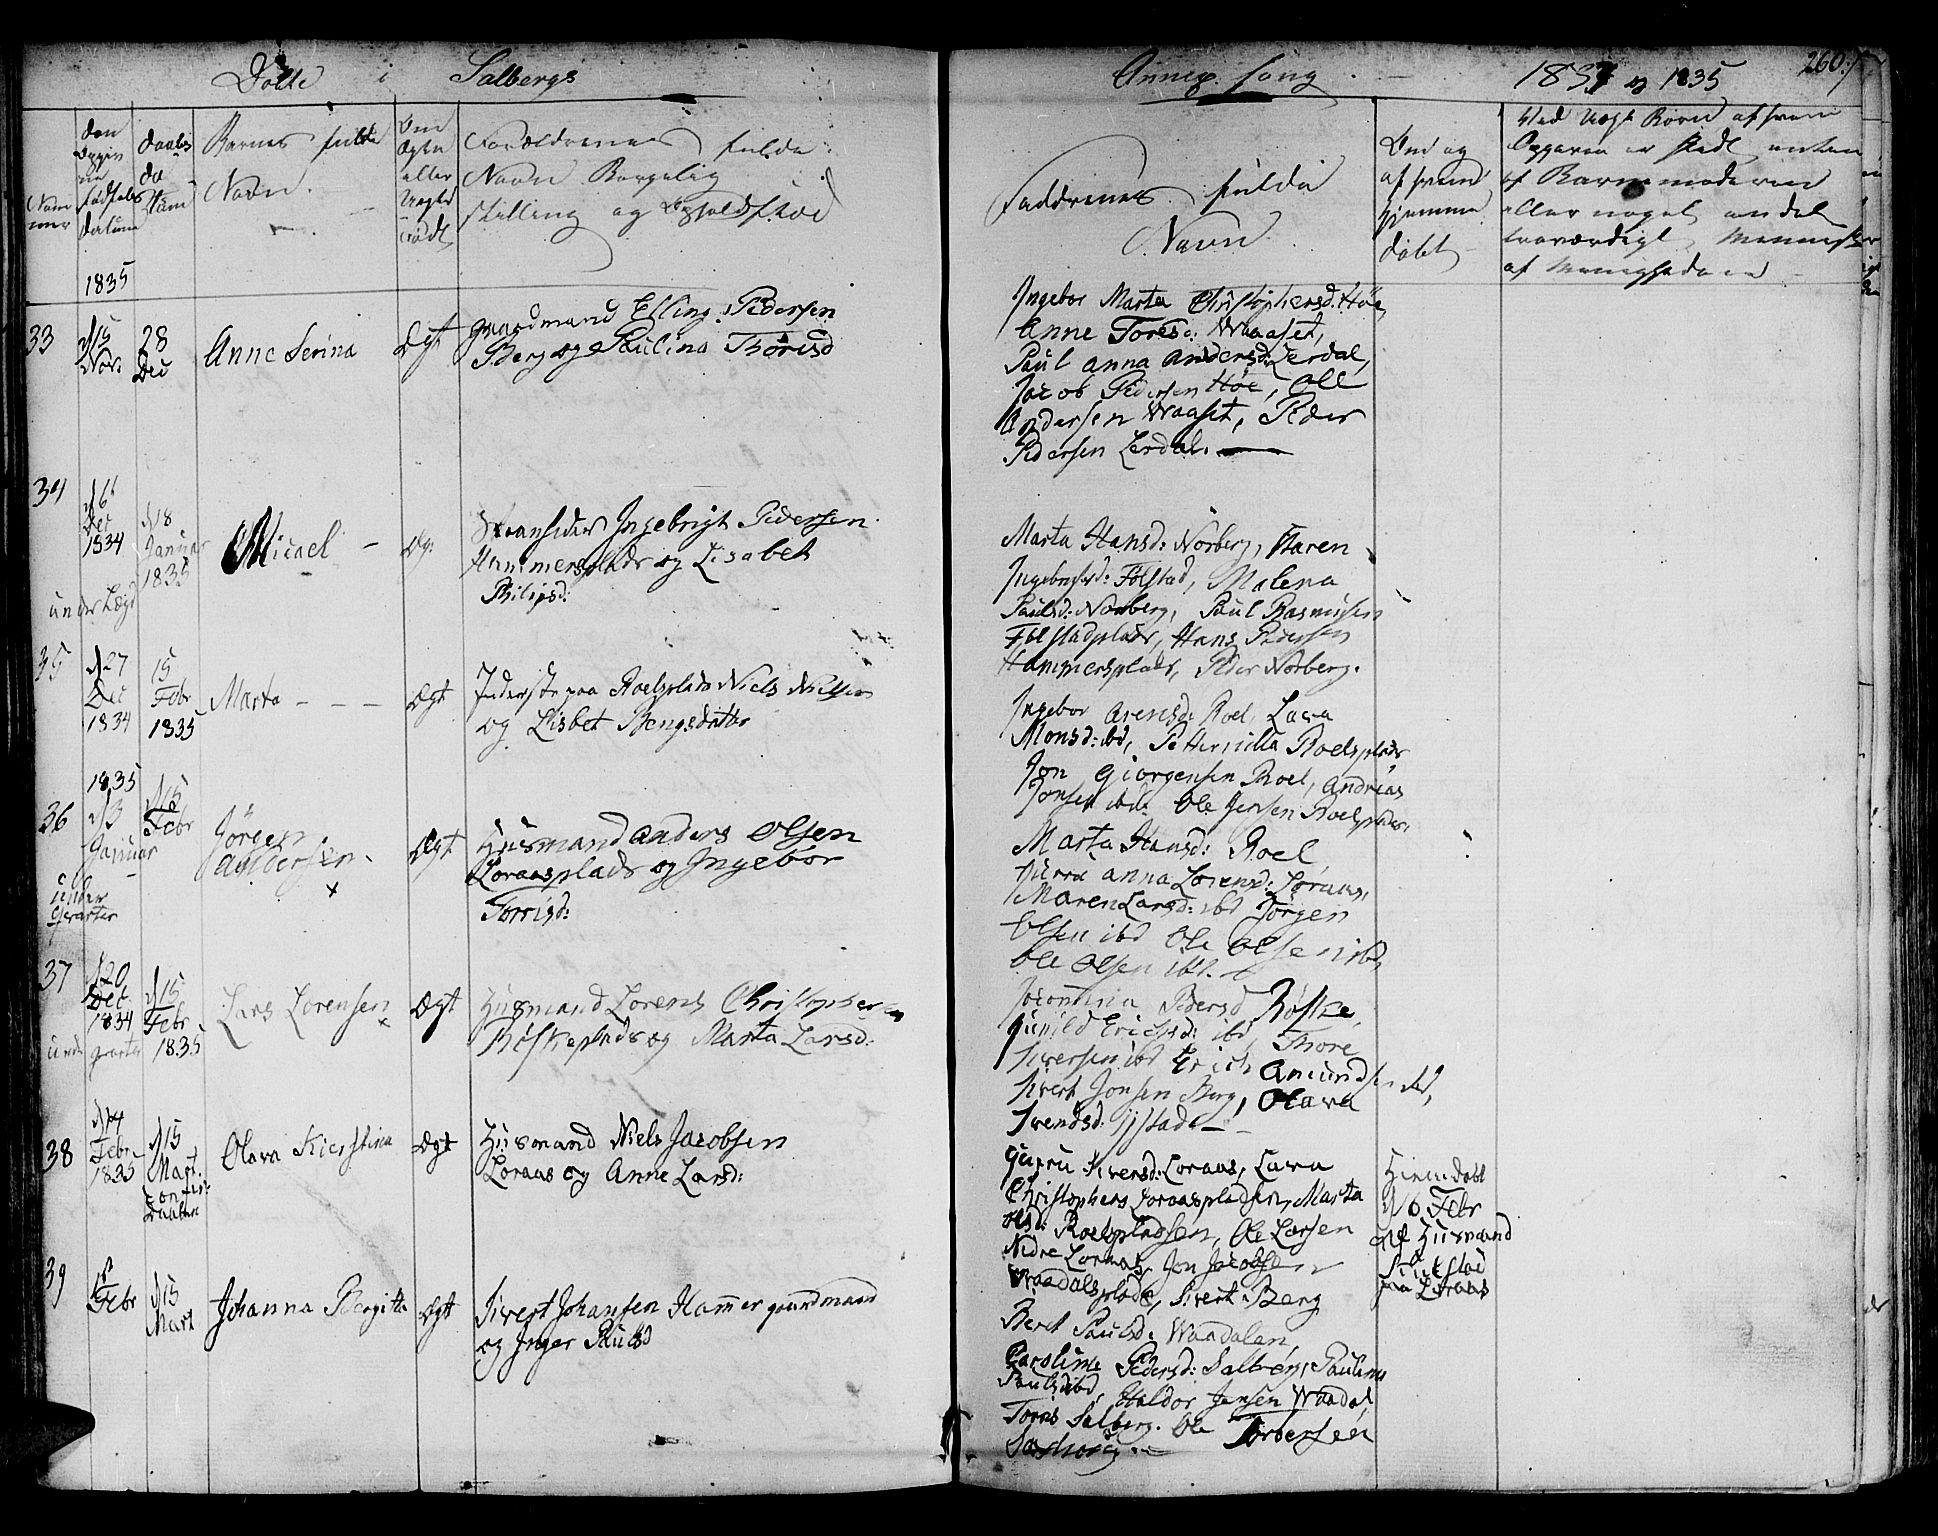 SAT, Ministerialprotokoller, klokkerbøker og fødselsregistre - Nord-Trøndelag, 730/L0277: Ministerialbok nr. 730A06 /2, 1831-1839, s. 260